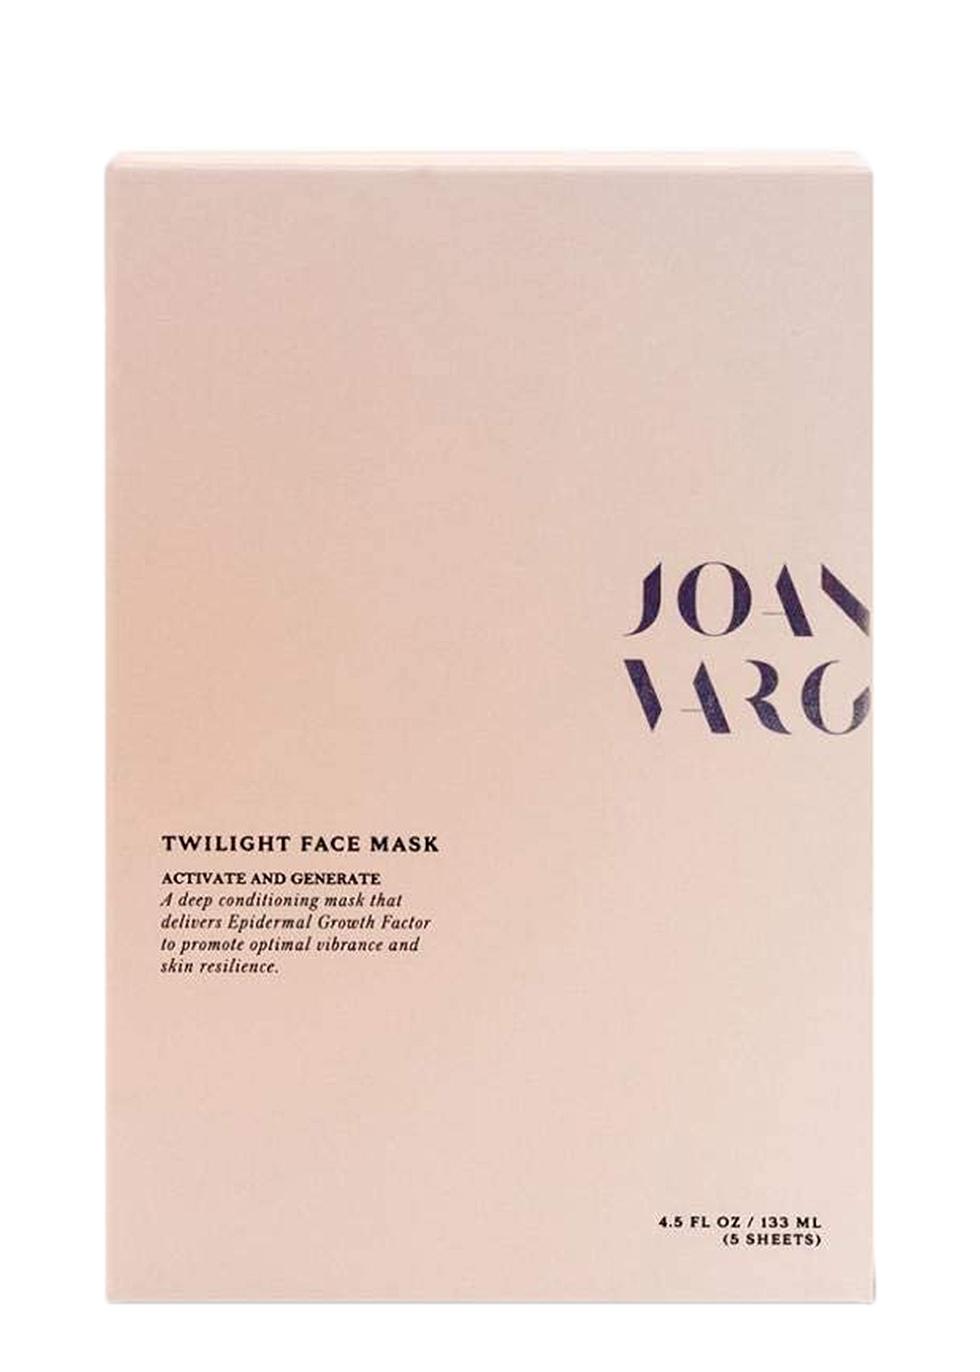 Twilight Mask